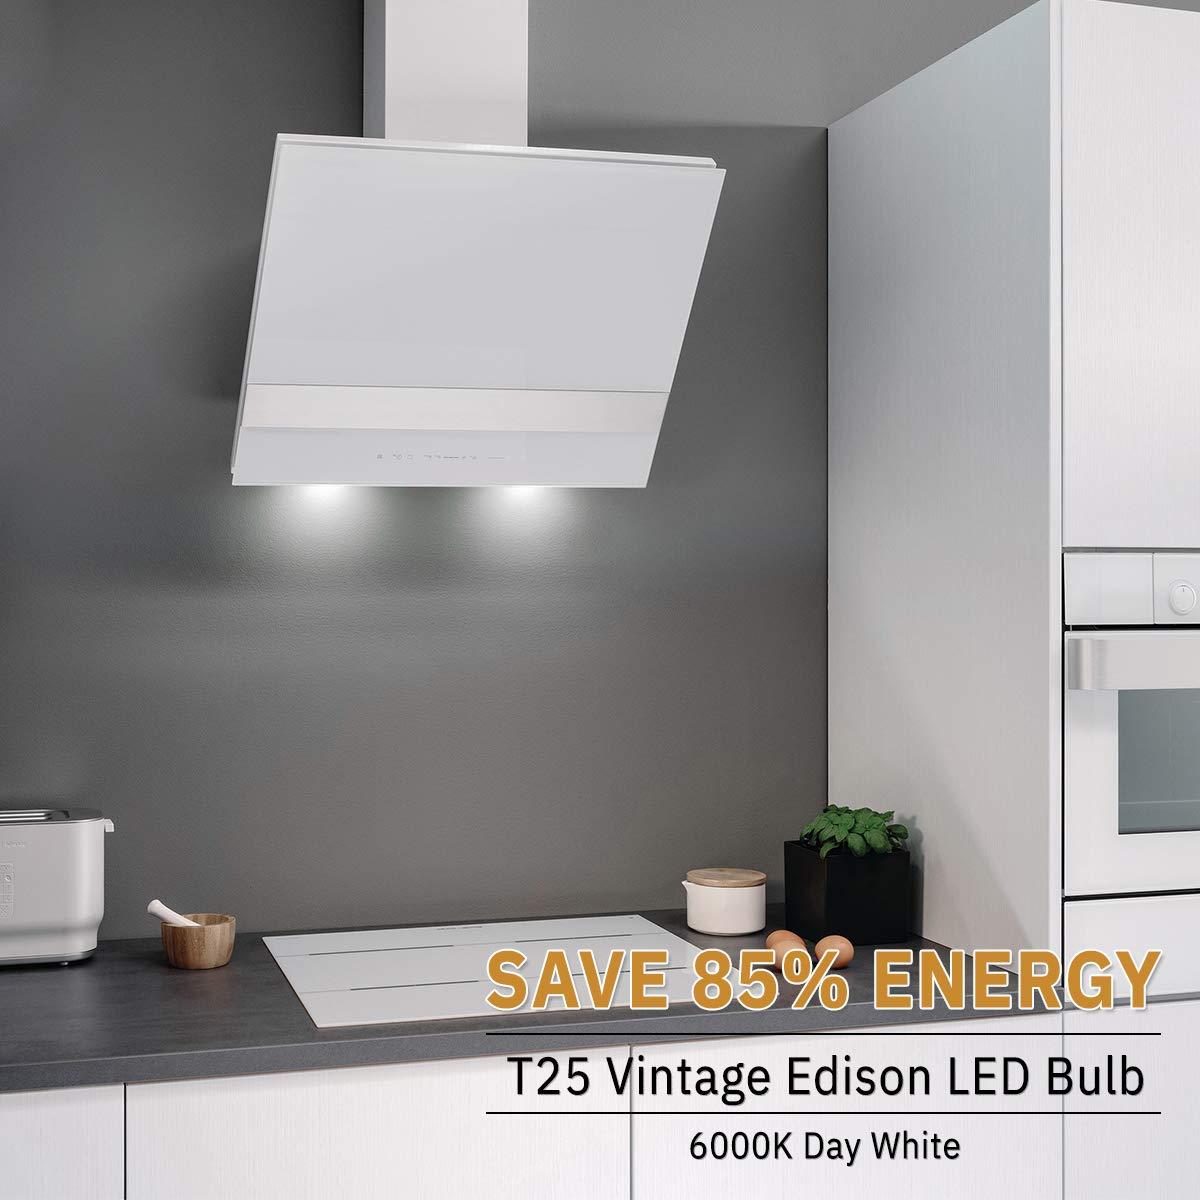 E14 T25 LED 2W=15W Campana extractora, 150LM, bombilla de incandescencia Edison DORESshop, blanco día 6000K, no regulable, lámpara de aplicación para campana extractora, decoración, paquete de 2: Amazon.es: Iluminación